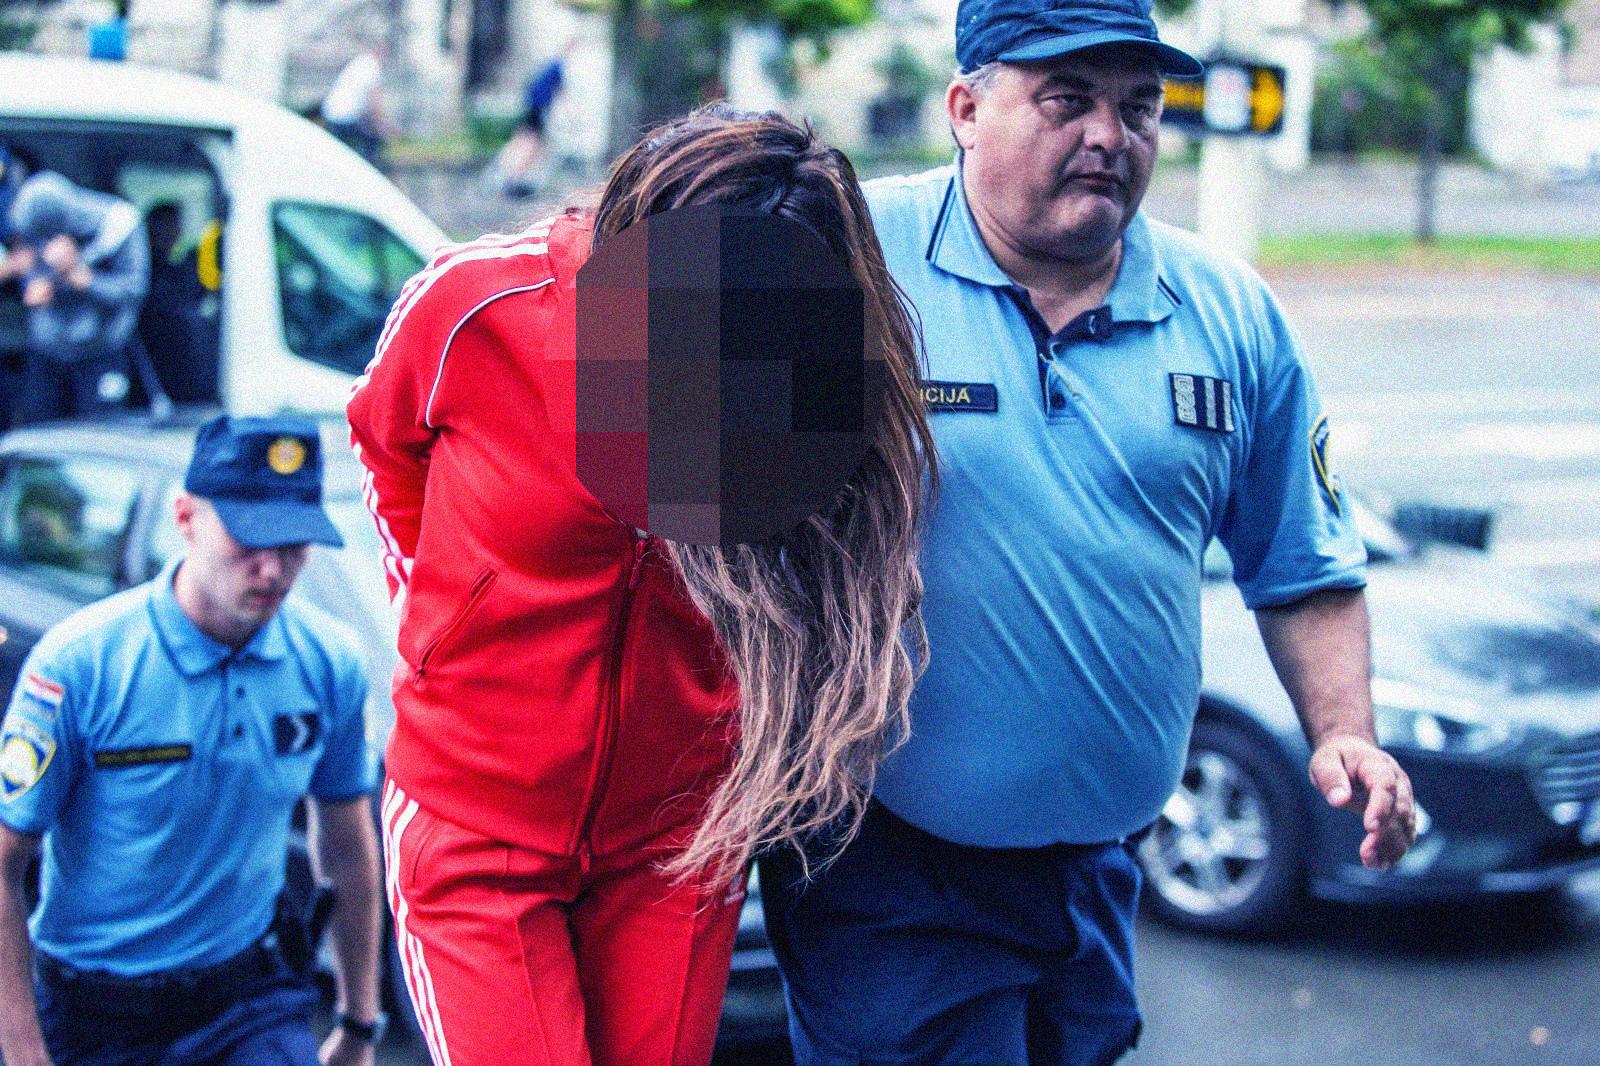 Djevojka iz Karlovca optužena je za pokušaj teškog ubojstva jer je dečku ubacila antifriz u piće